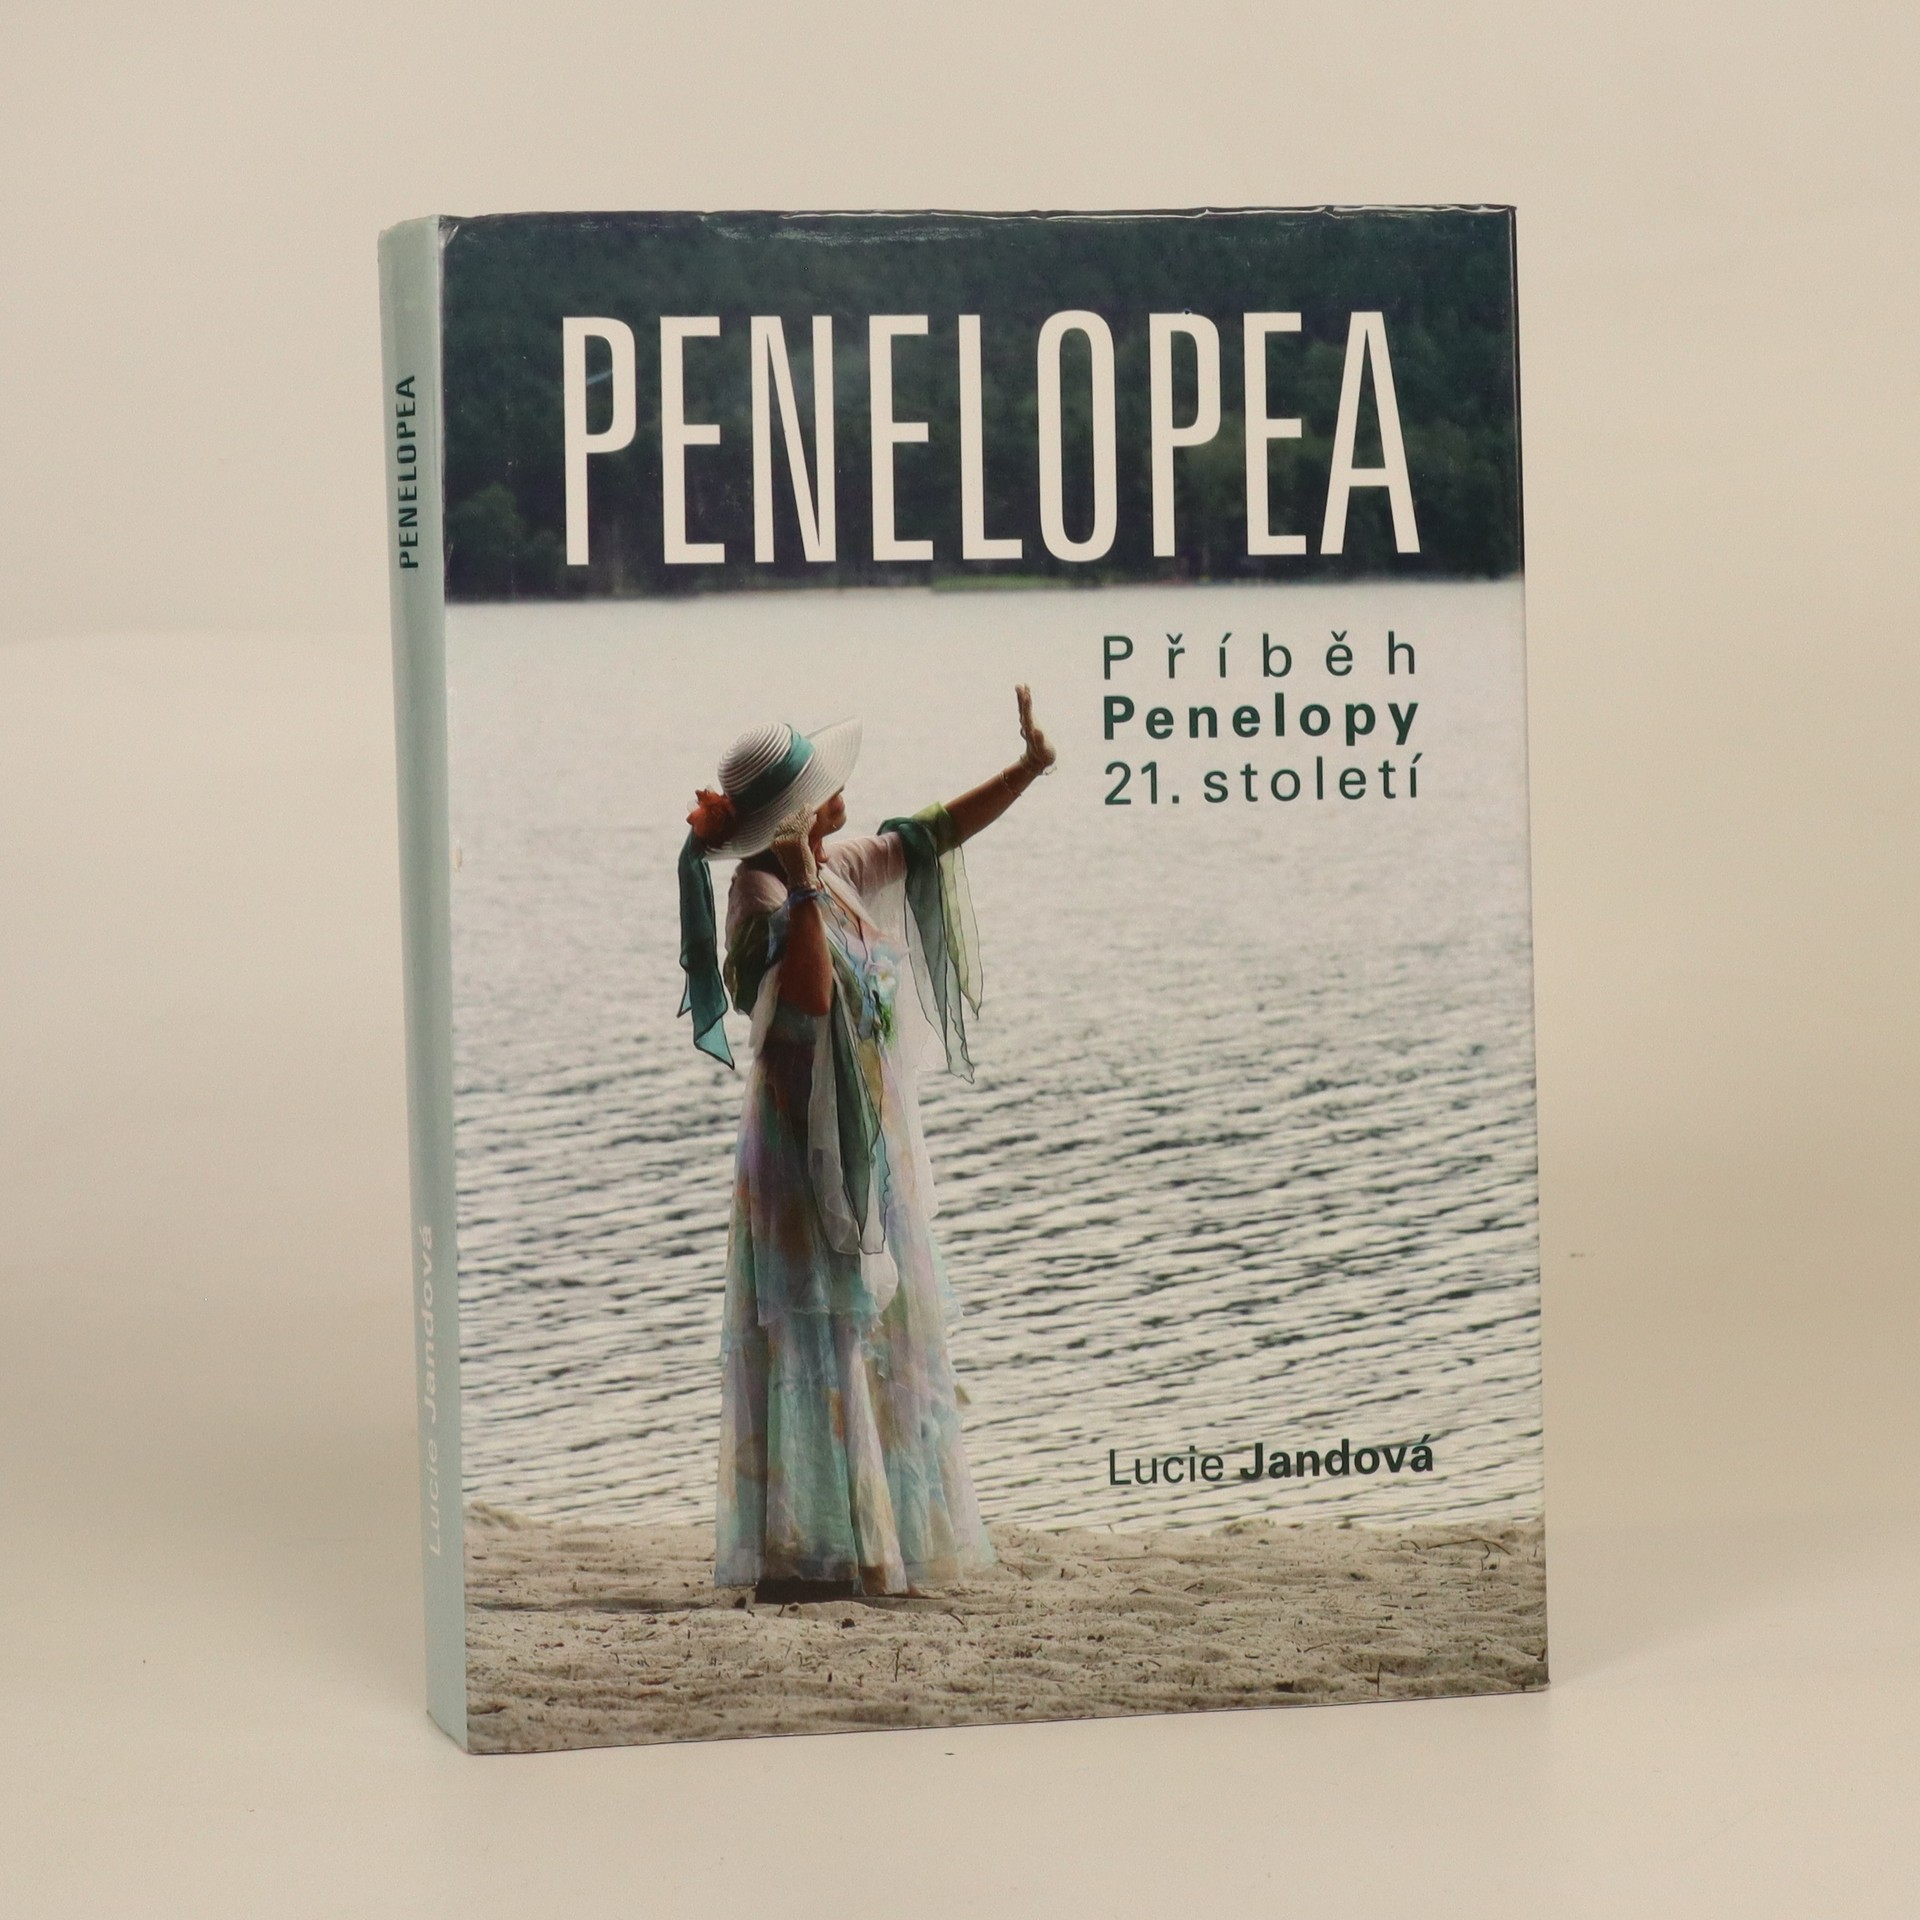 antikvární kniha Penelopea, 2010